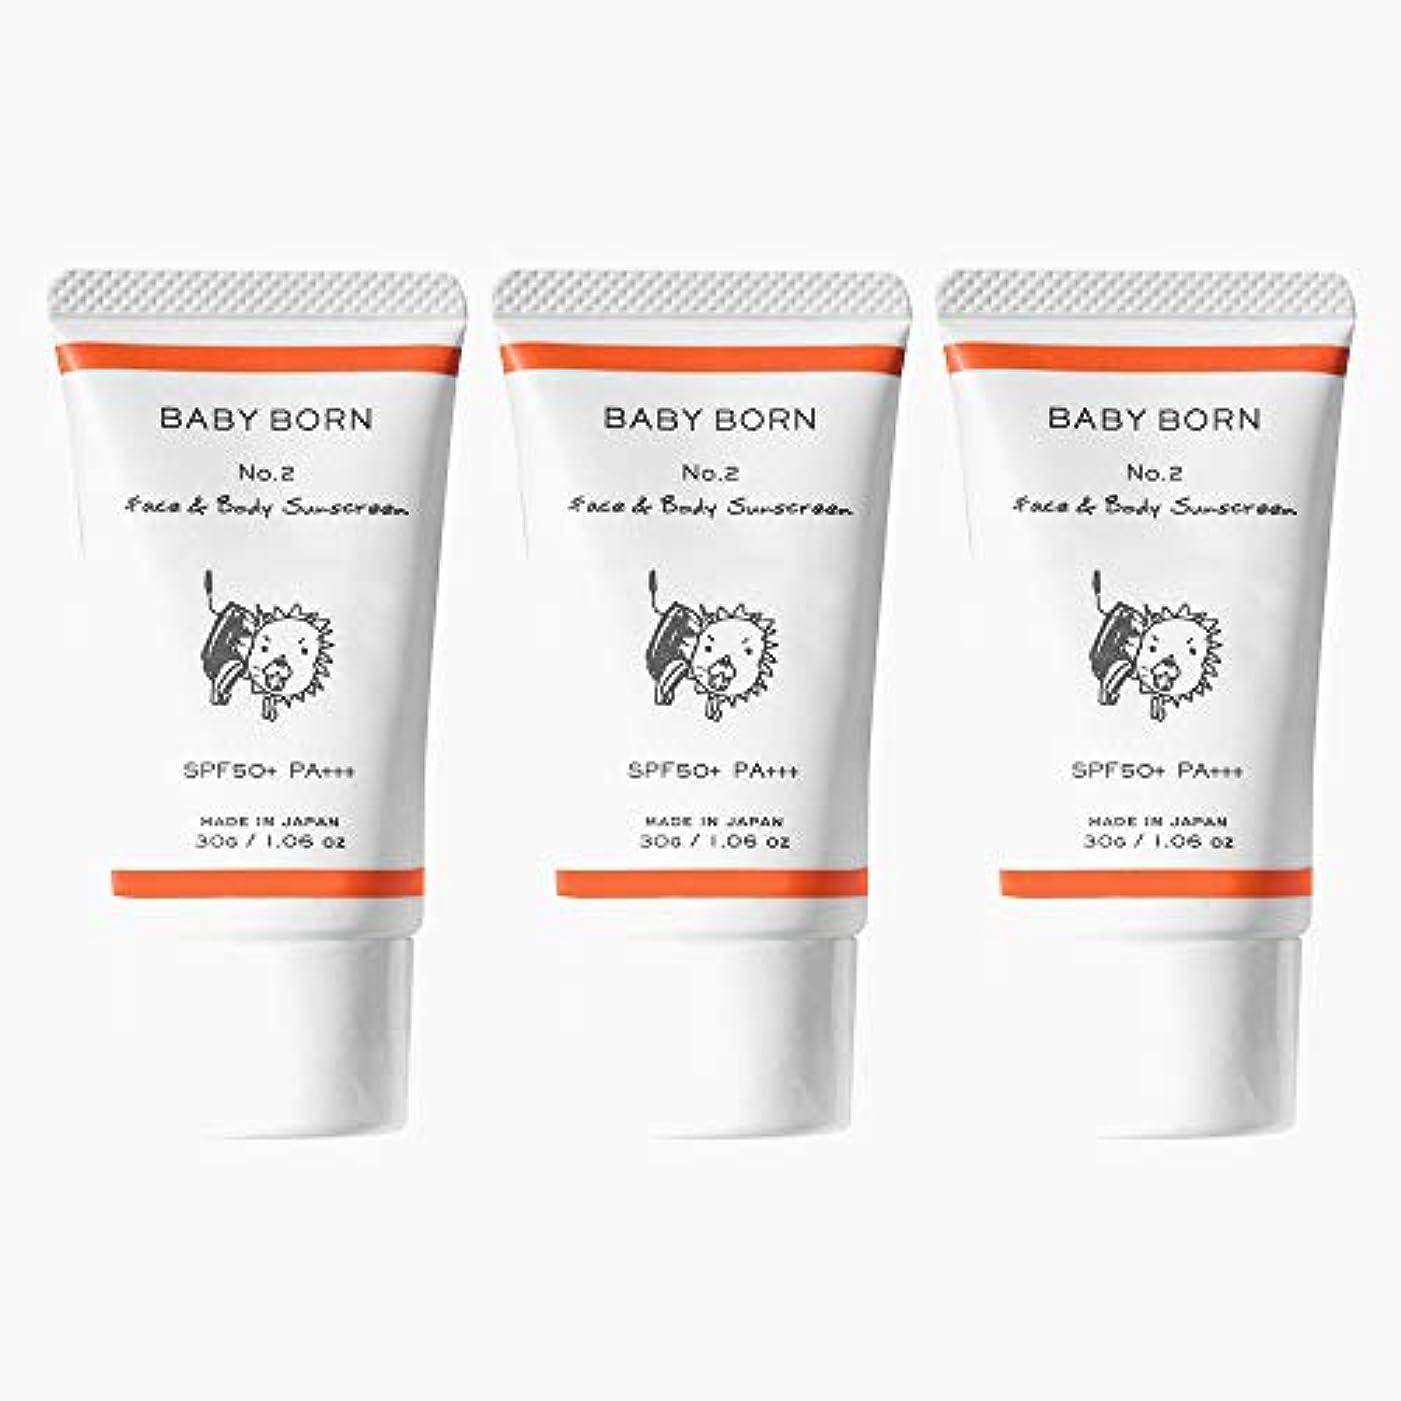 多様性取り壊すエッセンス日焼け止め 赤ちゃんや子どもにも使えるBABY BORN(ベビーボーン) Face&Body Sunscreen 3個セット 日焼け止め UV ケア 東原亜希 高橋ミカ 共同開発 SPF50+/PA++++